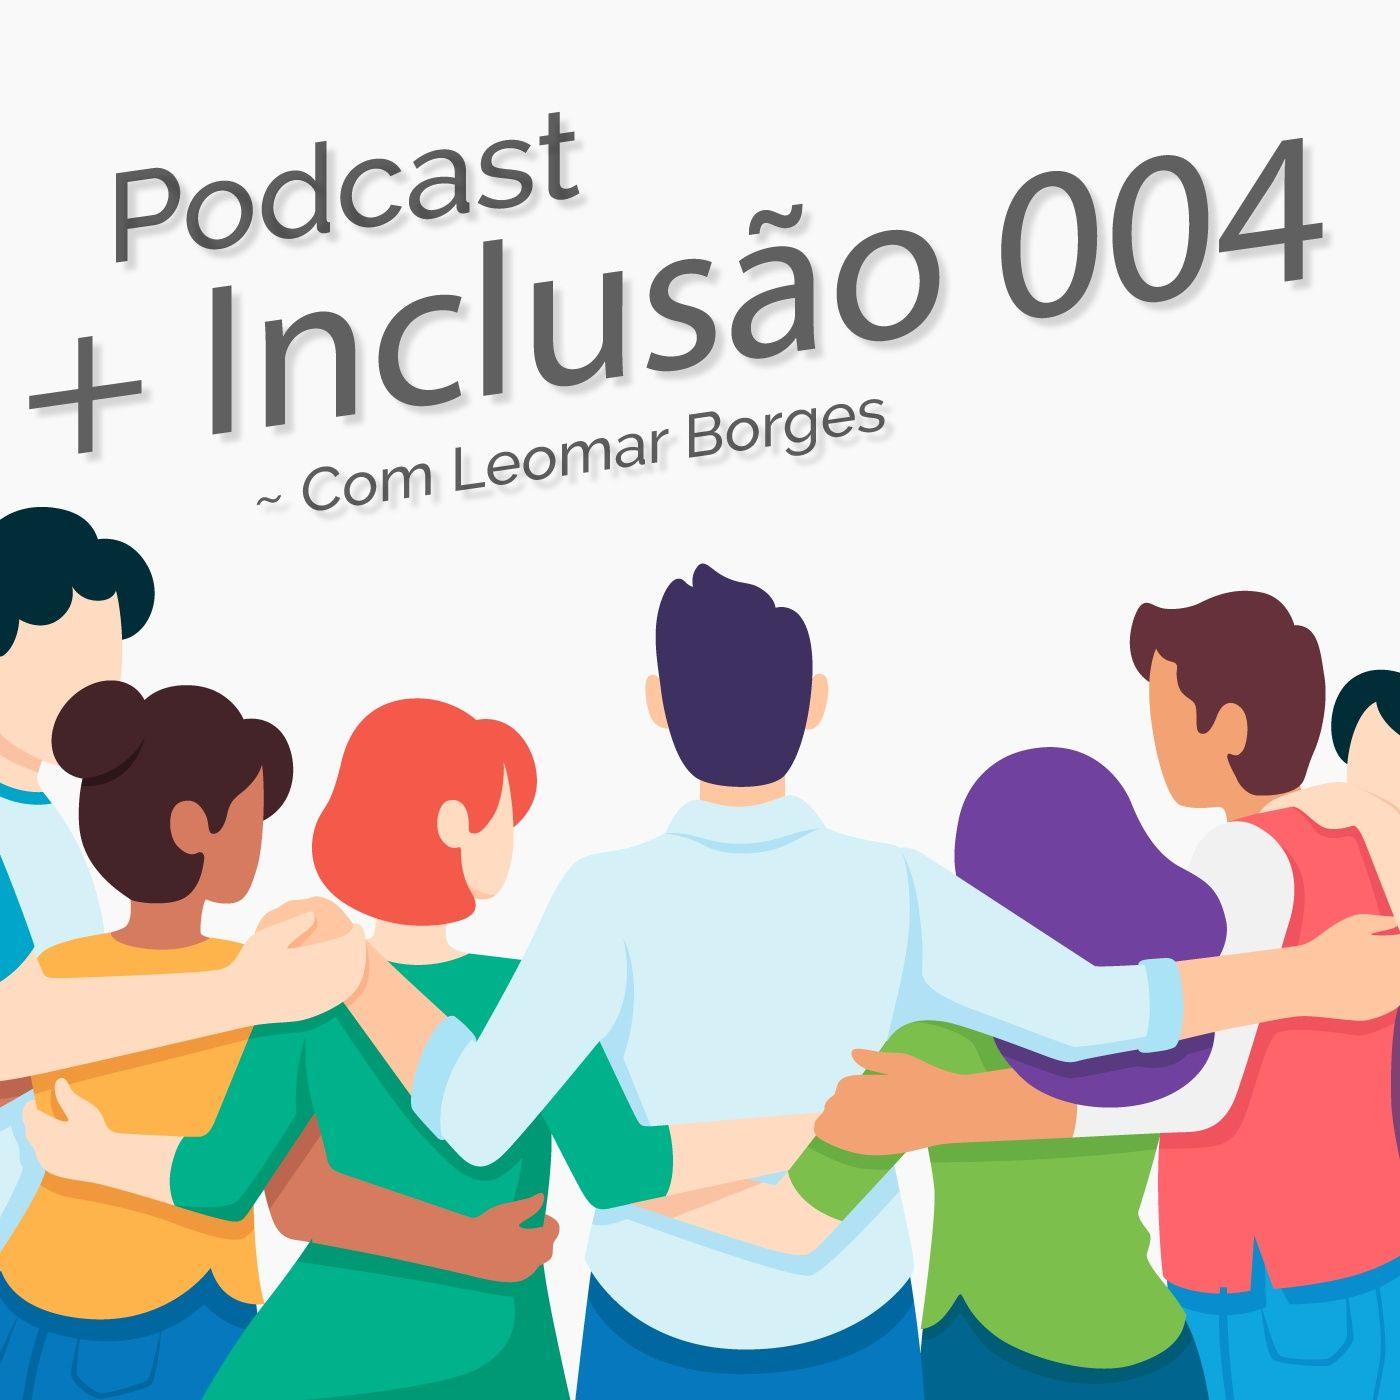 Parte 2 - Capacitismo, legislação e o cotidiano das pessoas com deficiência